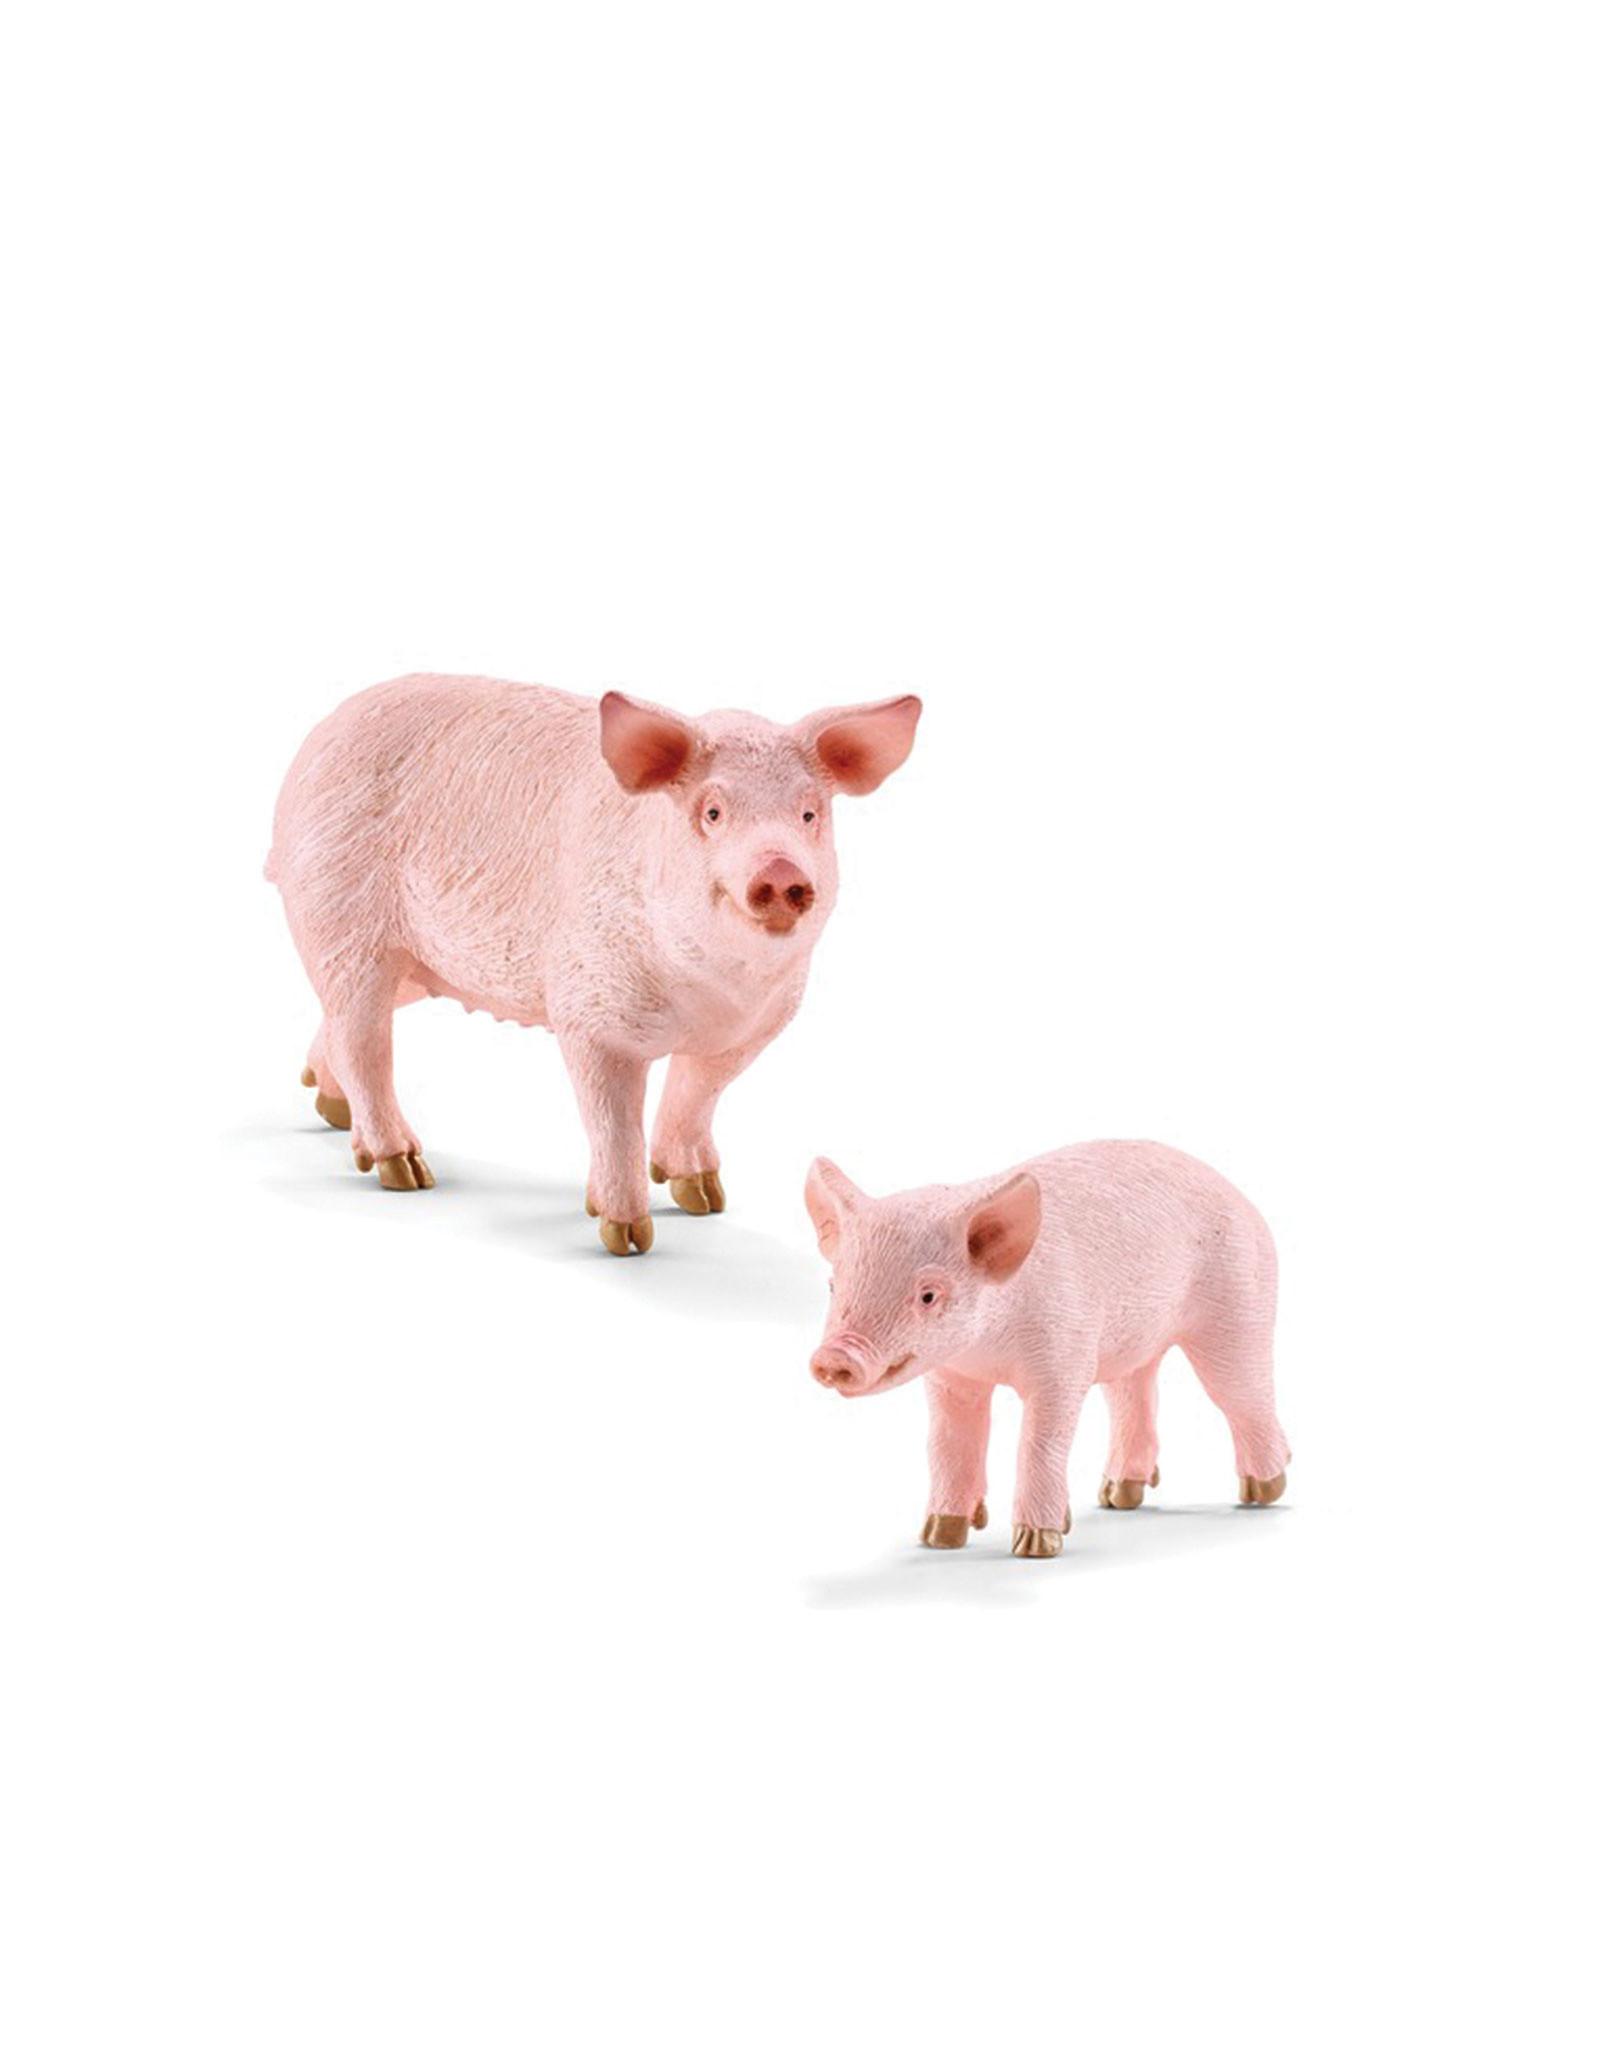 Schleich Animal - Piglet Standing